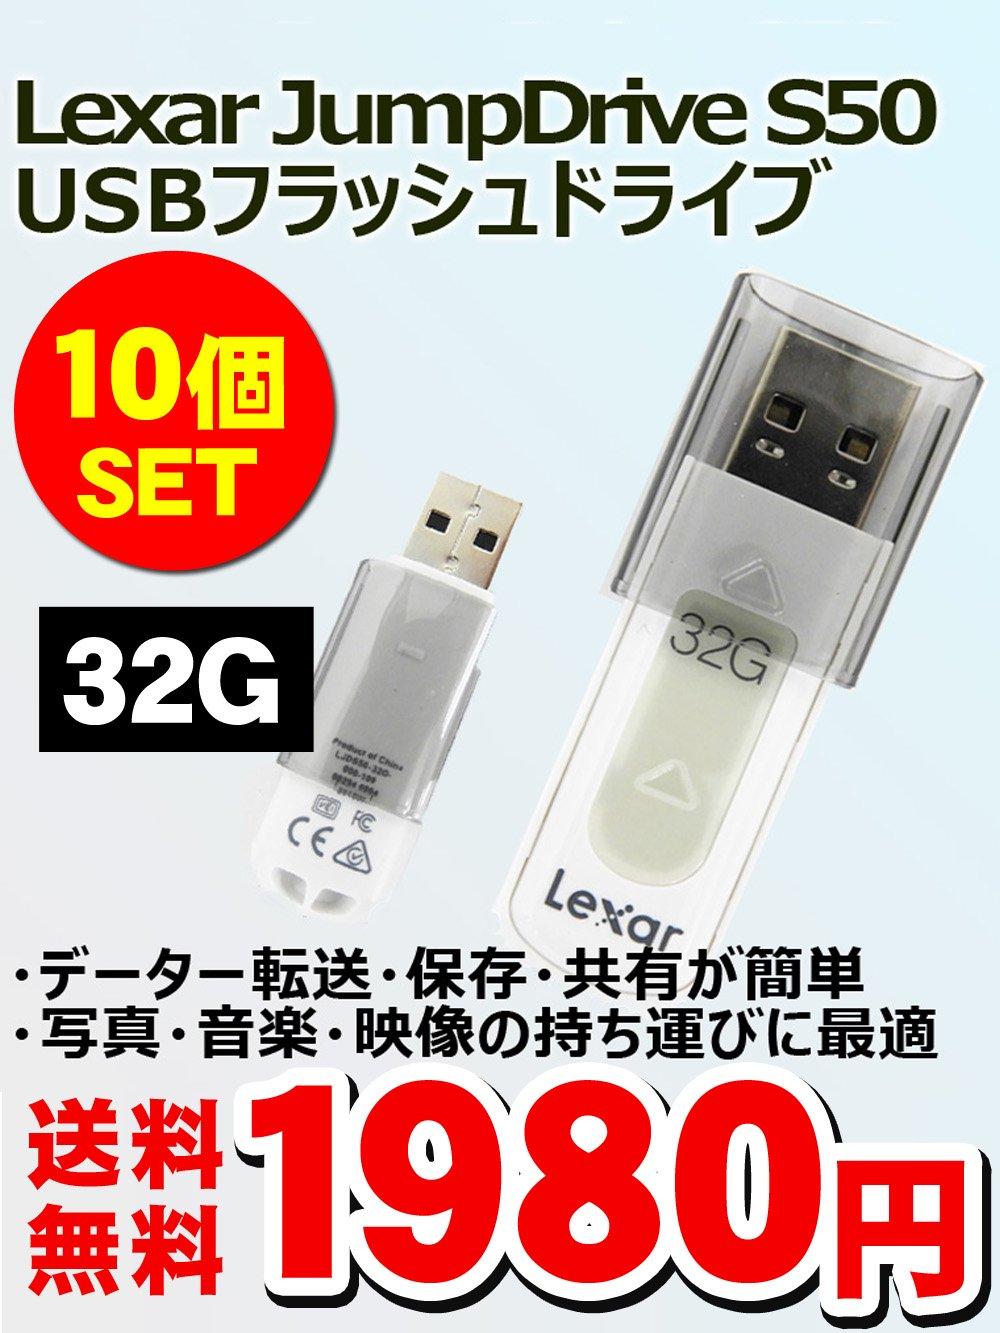 【送料無料】Lexar JumpDrive s50 USBフラッシュドライブ32G【10個セット】@1980